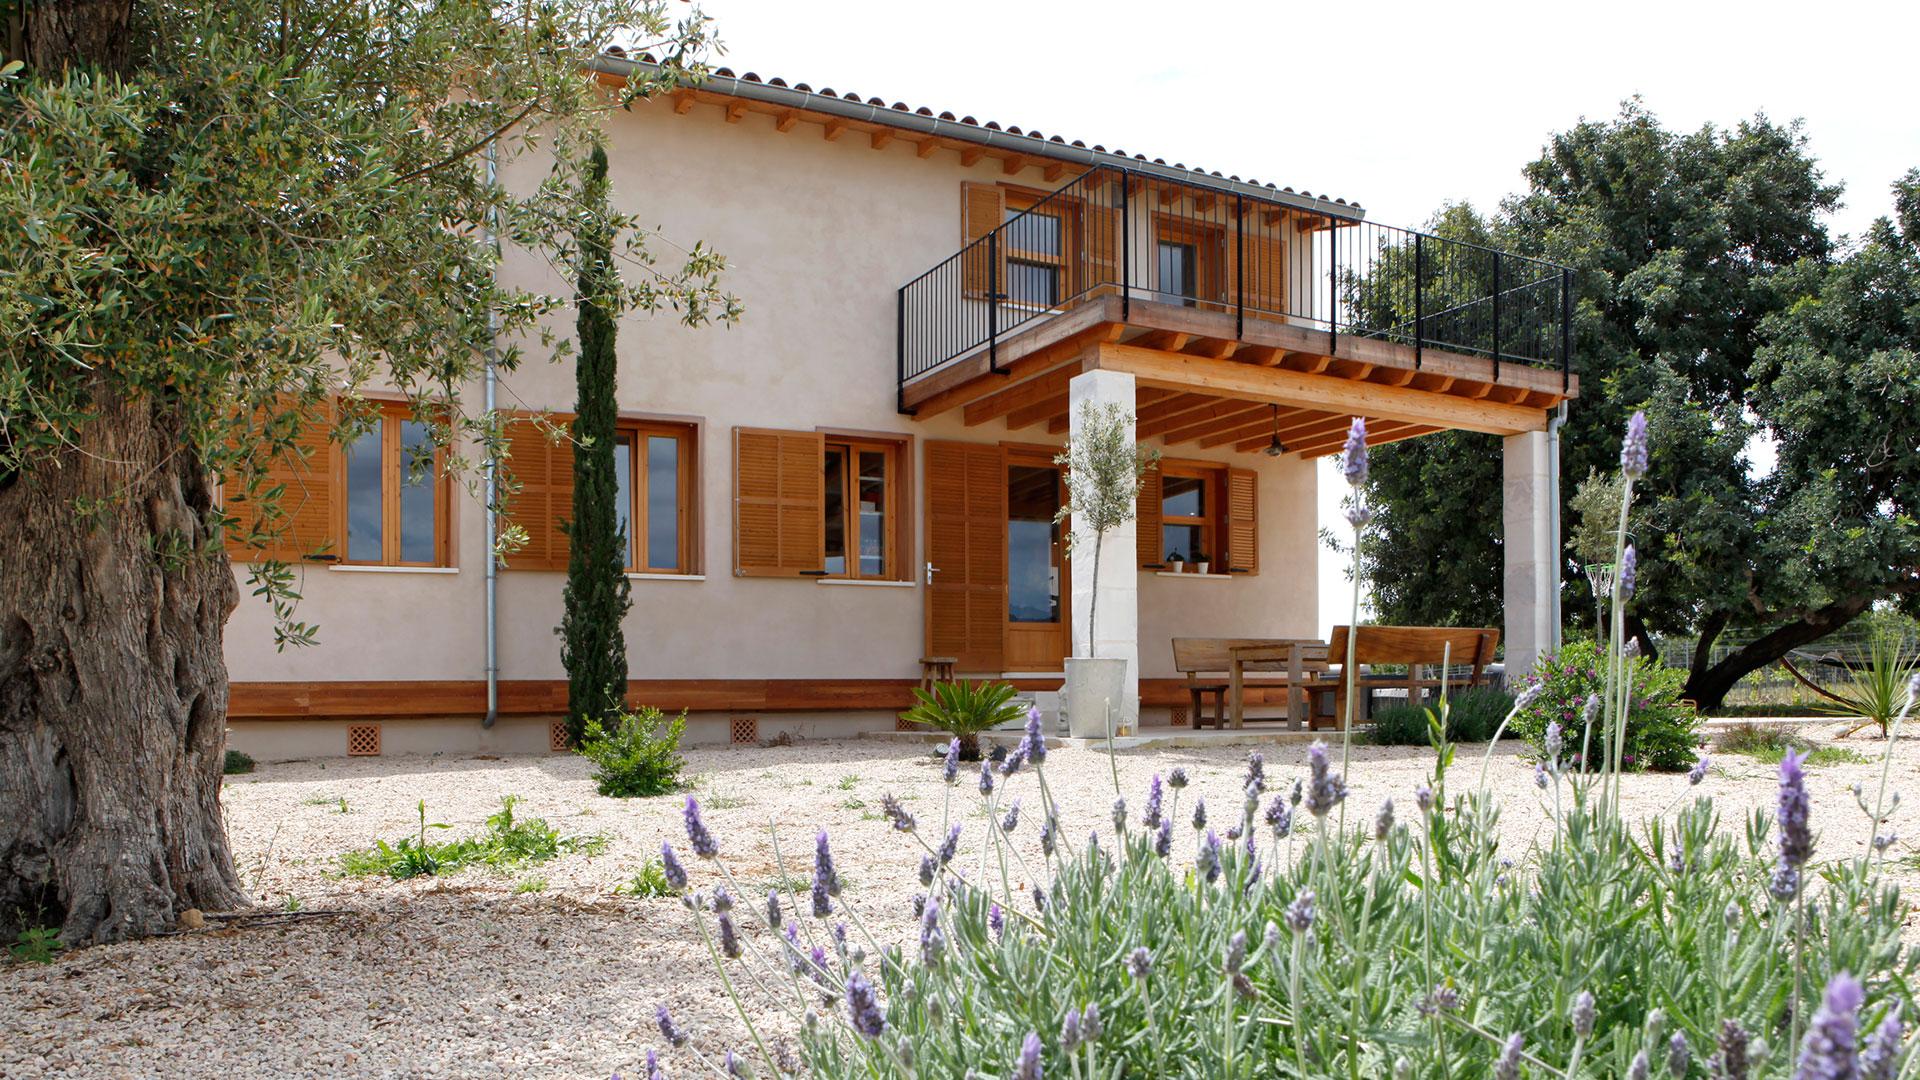 Rafael Sala -Arquitectura sostenible y saludable. Casas de paja, eficiencia energetica. Casa de paja en Selva, Mallorca.